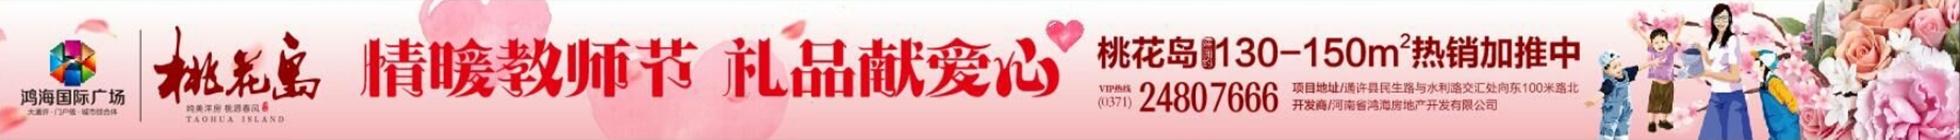 鸿海国际:桃花岛